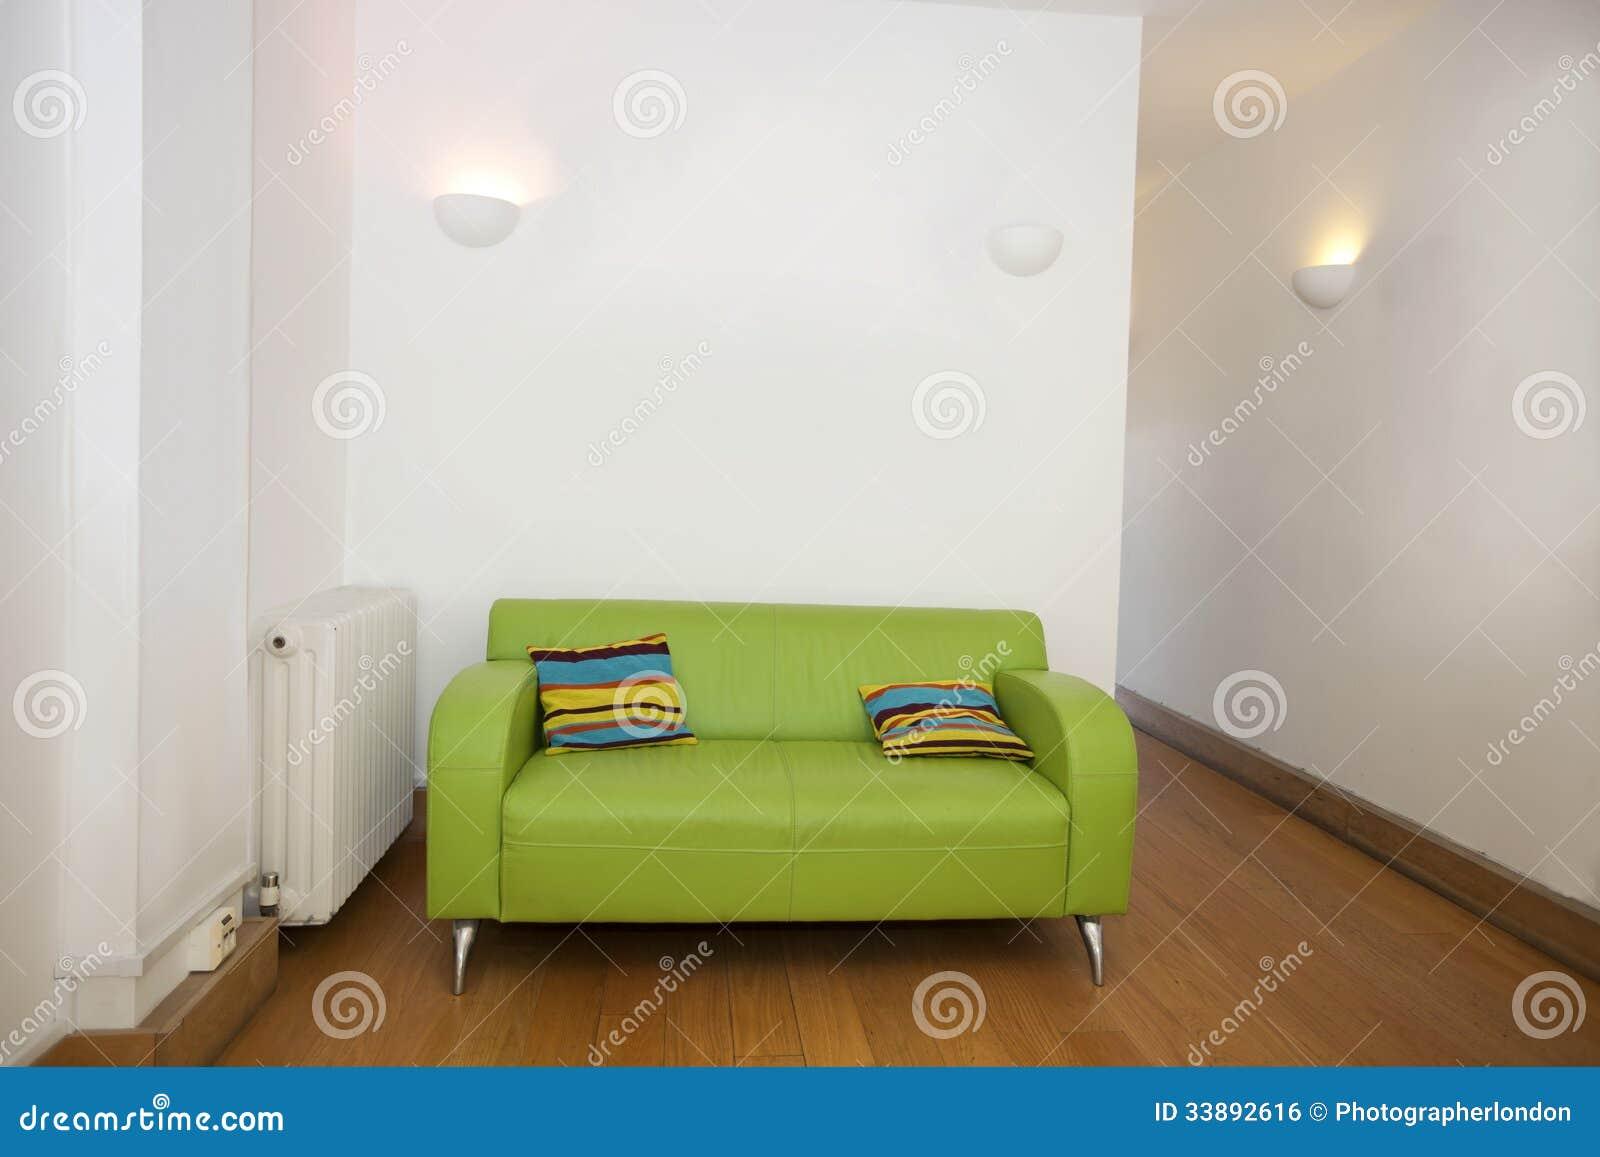 Coussins sur le sofa vert dans le bureau vide